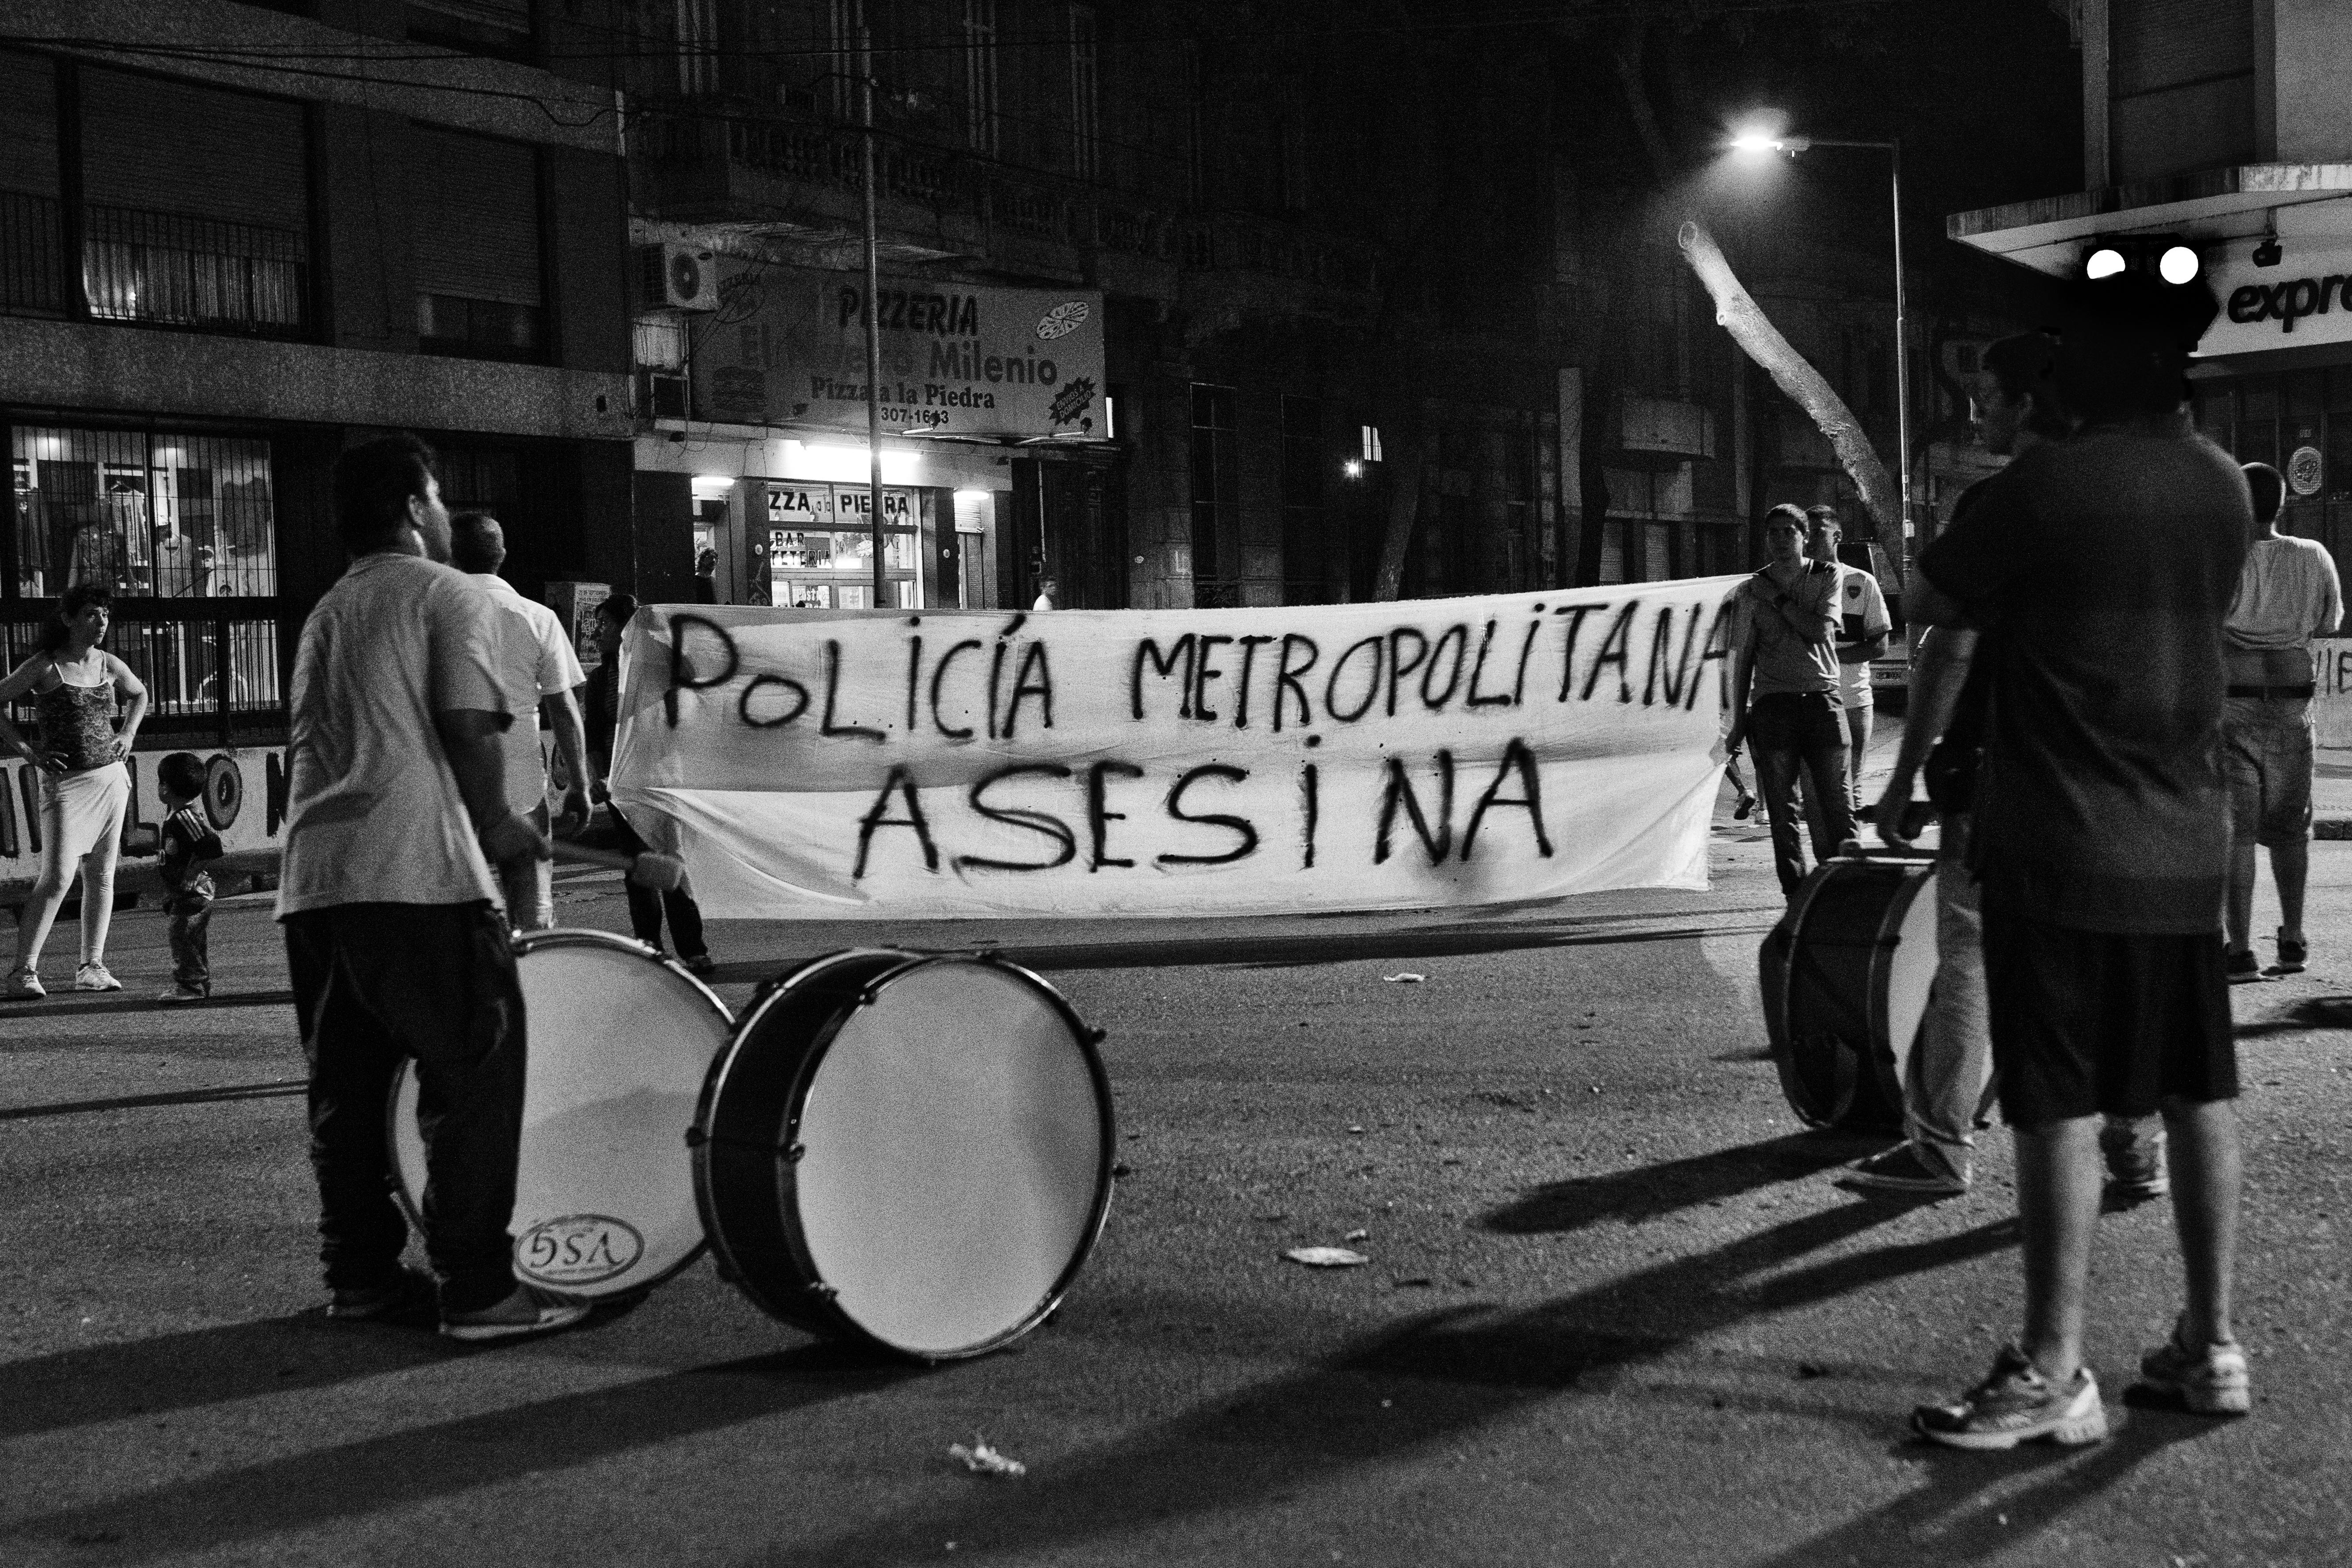 13 manifestaizone policia asesina la boca MOYO9436-Modifica